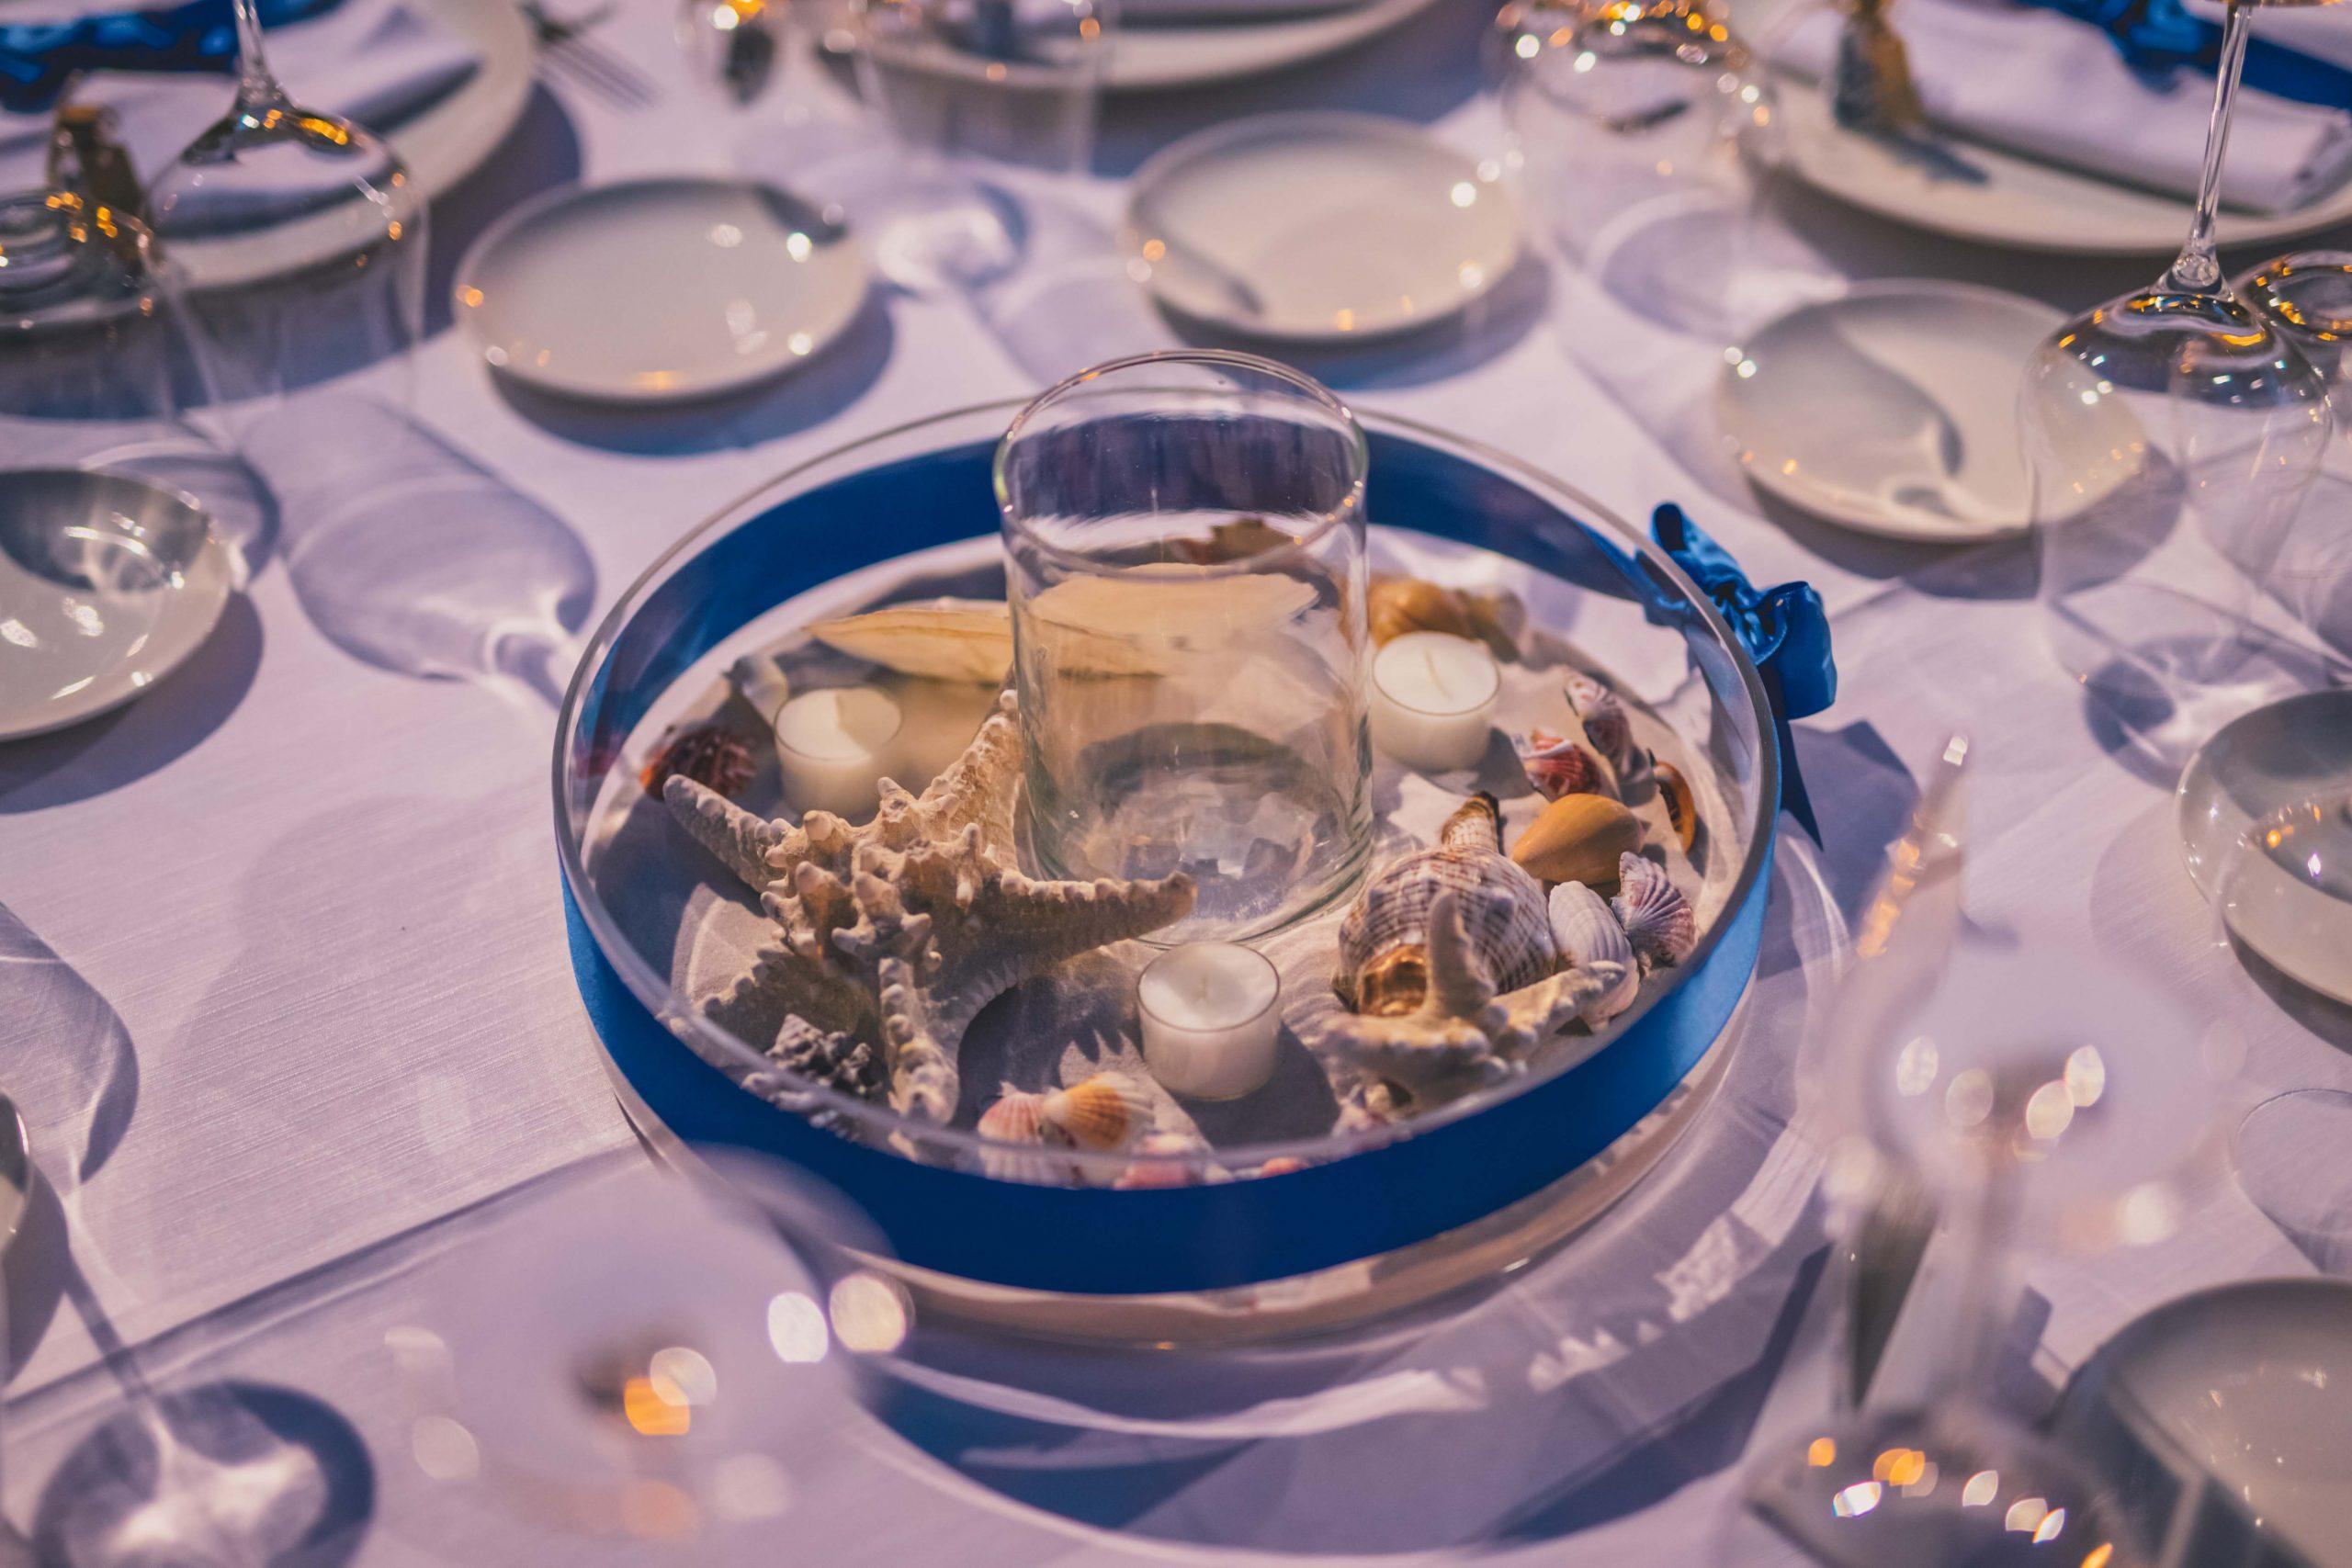 Un'antica tradizione dice che la sposa, il giorno del suo matrimonio, debba indossare qualcosa di blu, qualcosa di vecchio, qualcosa di prestato e qualcosa di nuovo. Ecco un tocco di colore oltremare per un matrimonio siciliano in uno scatto.